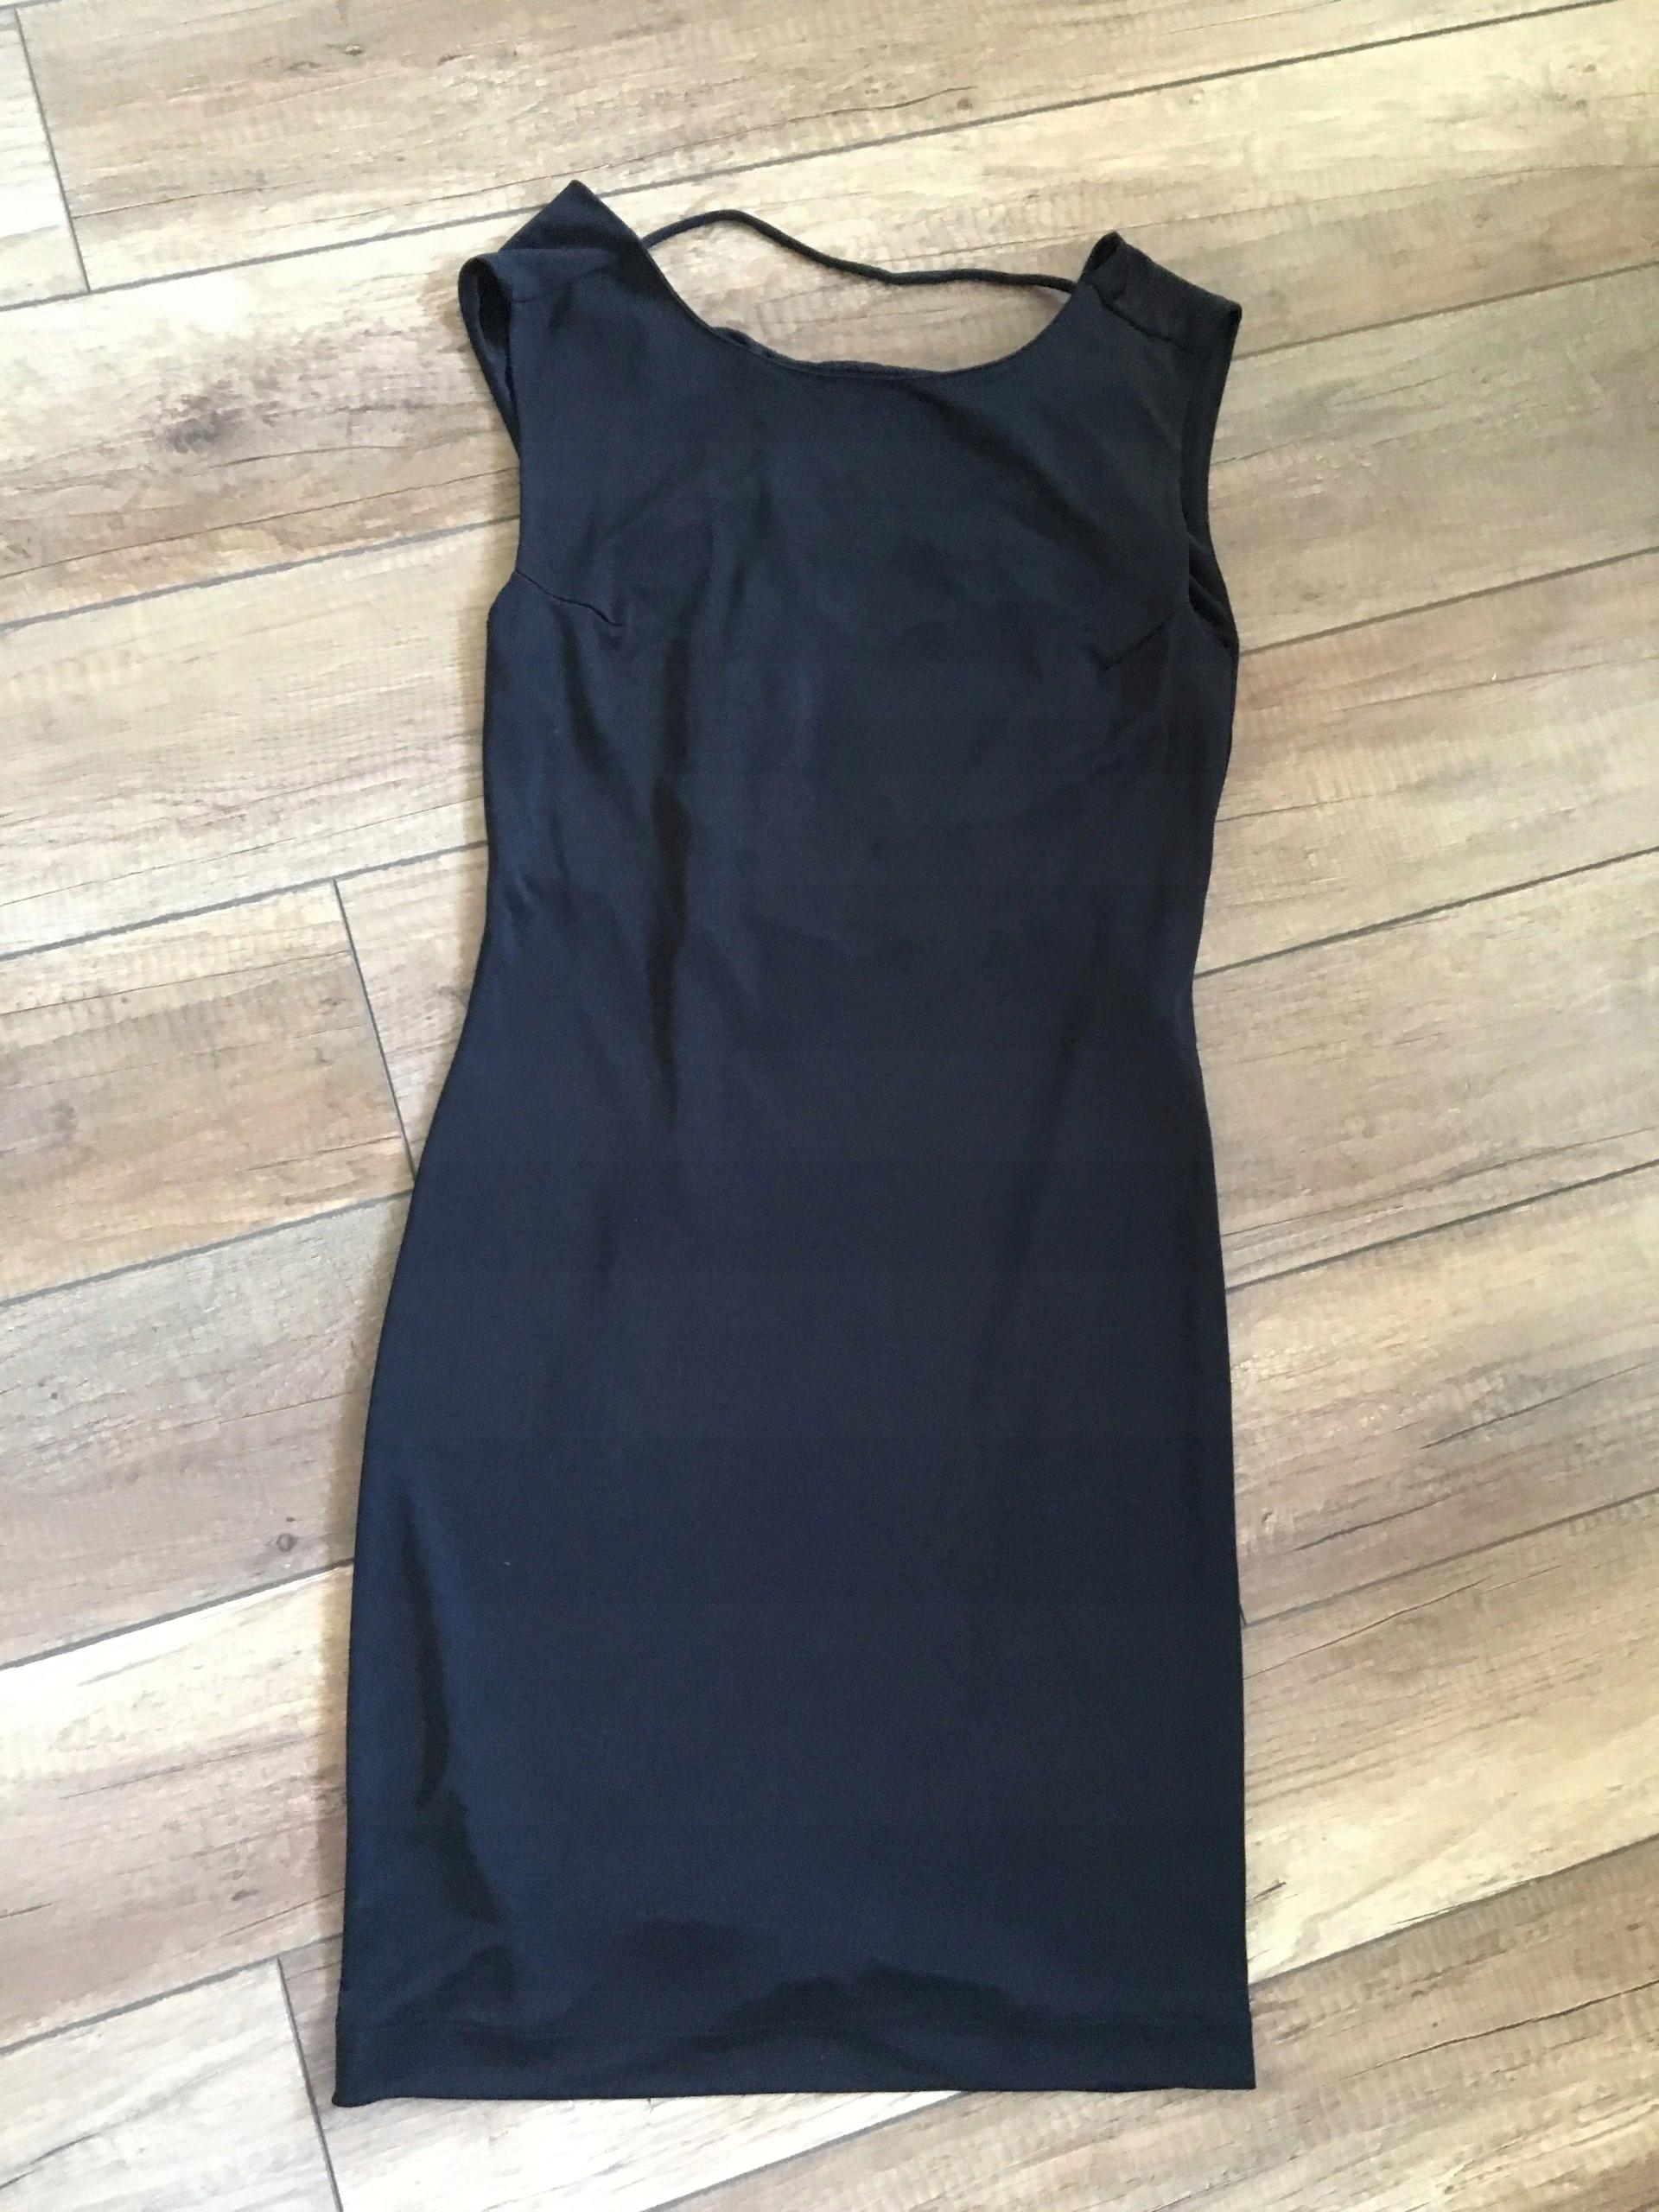 490d3027a7 mała czarna sukienka ZARA bez pleców - 7423521712 - oficjalne ...